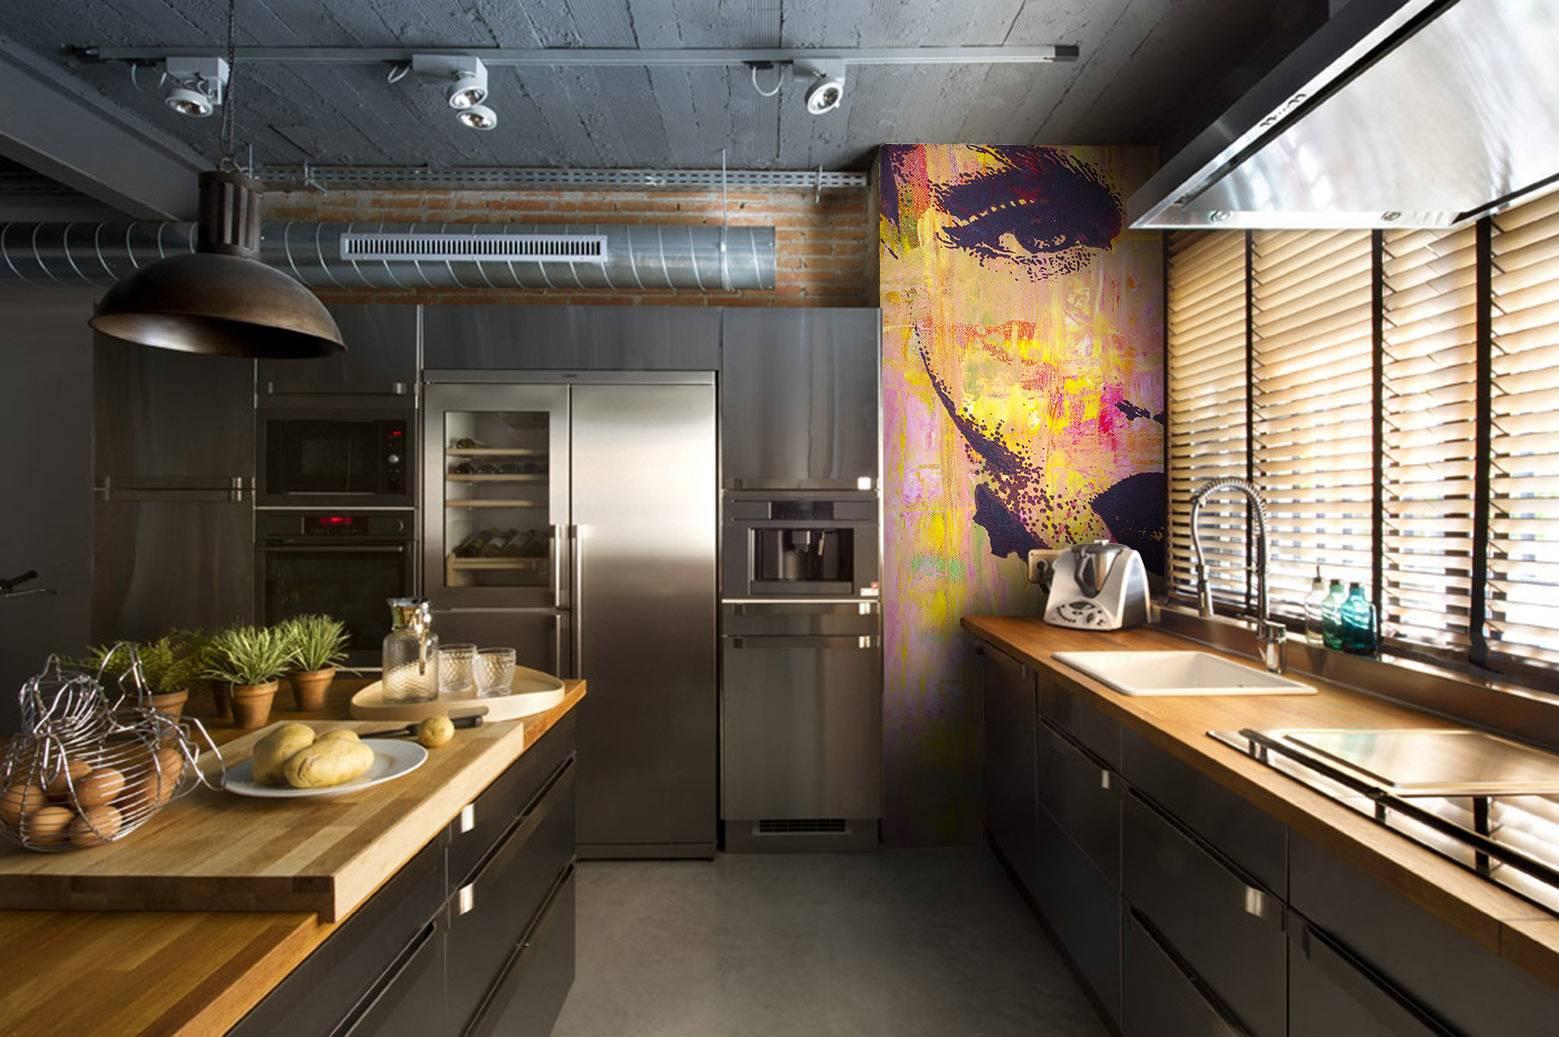 інтер'єр кухні в стилі лофт